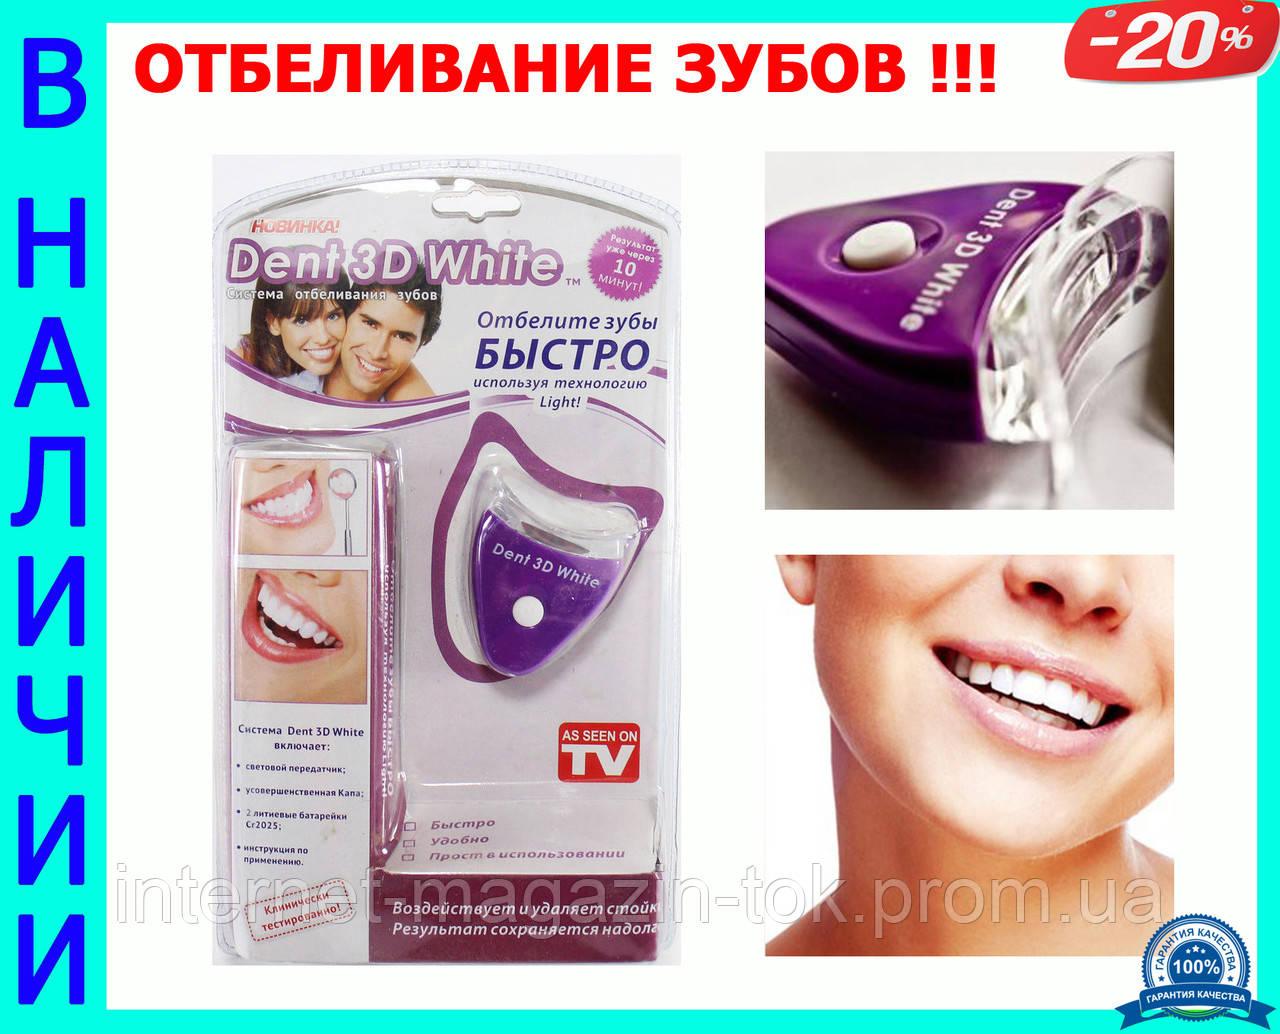 Отбеливание зубов перевод